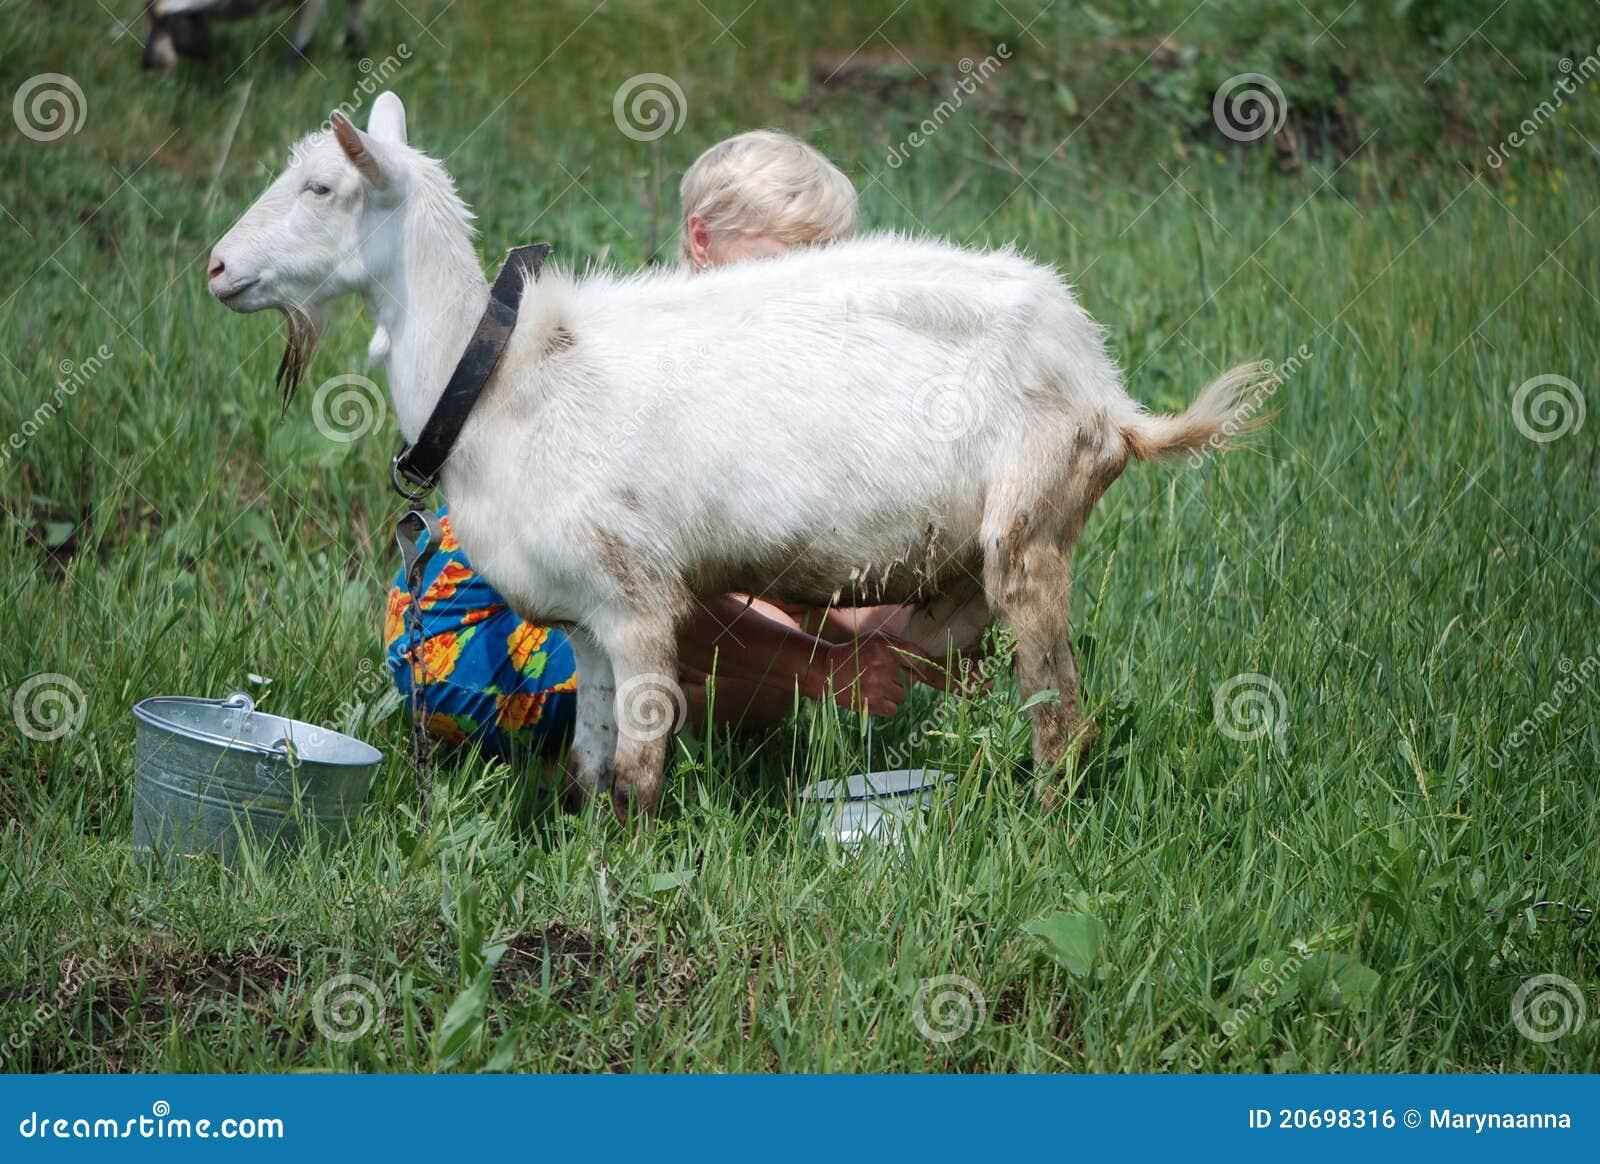 Het melken van de geit